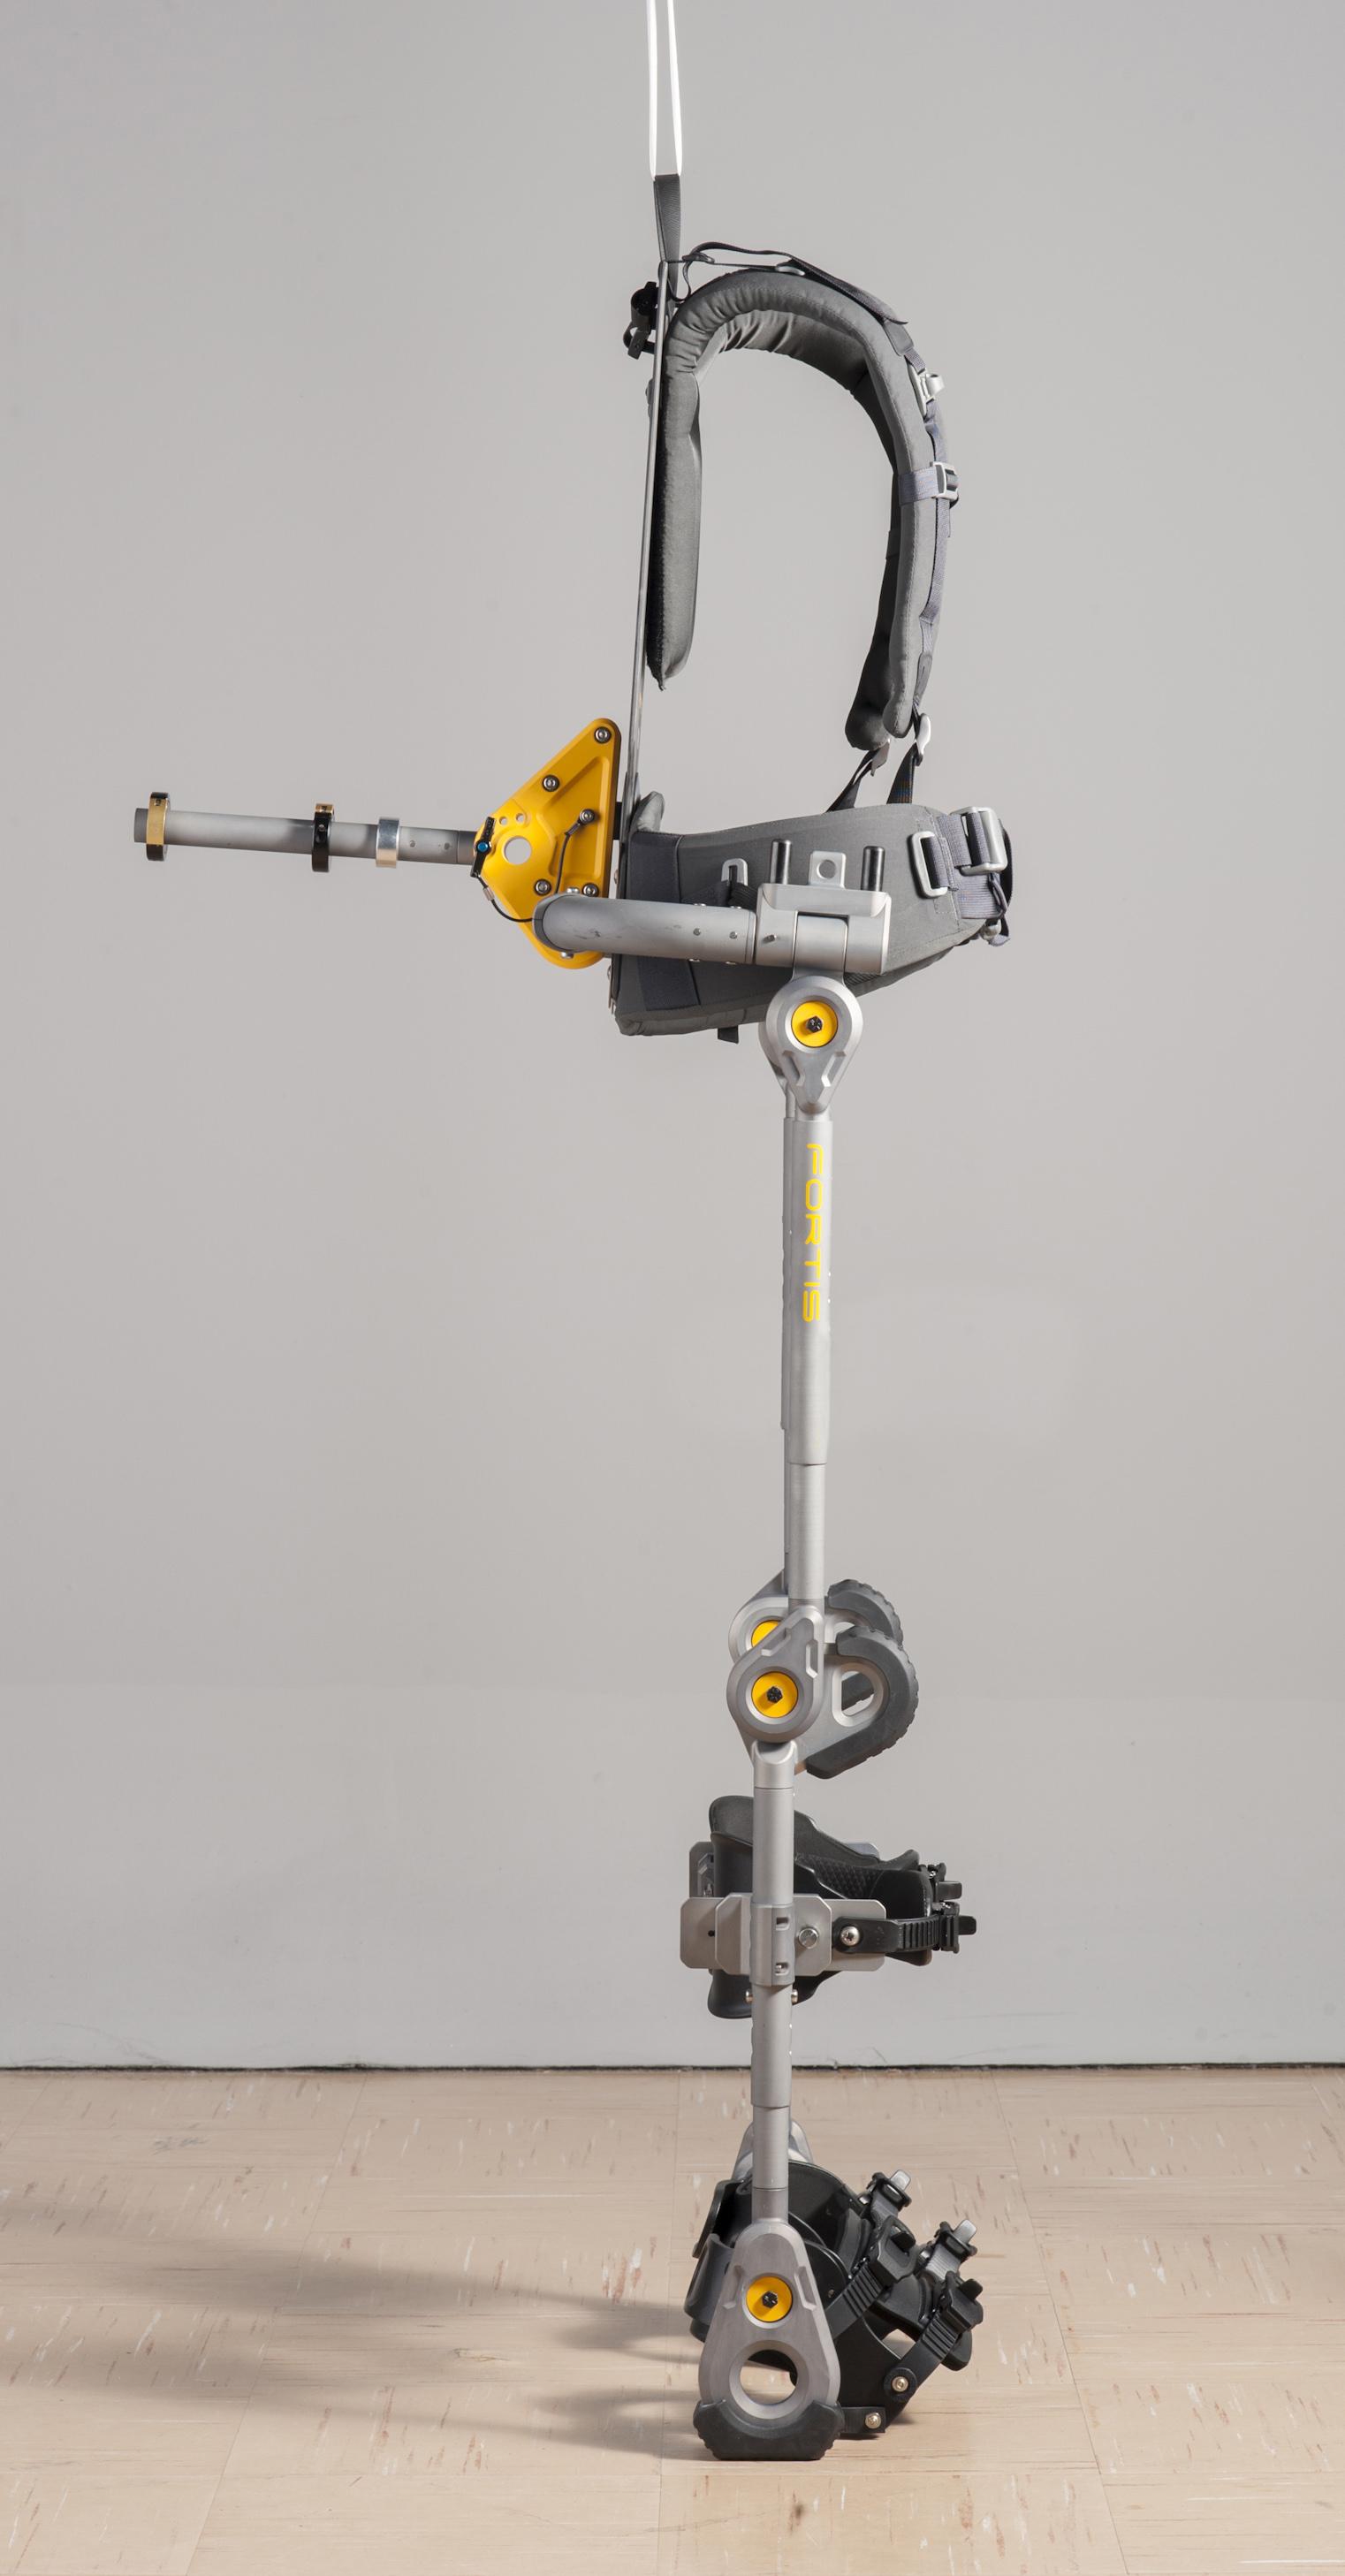 exosquelette-fortis2.jpg